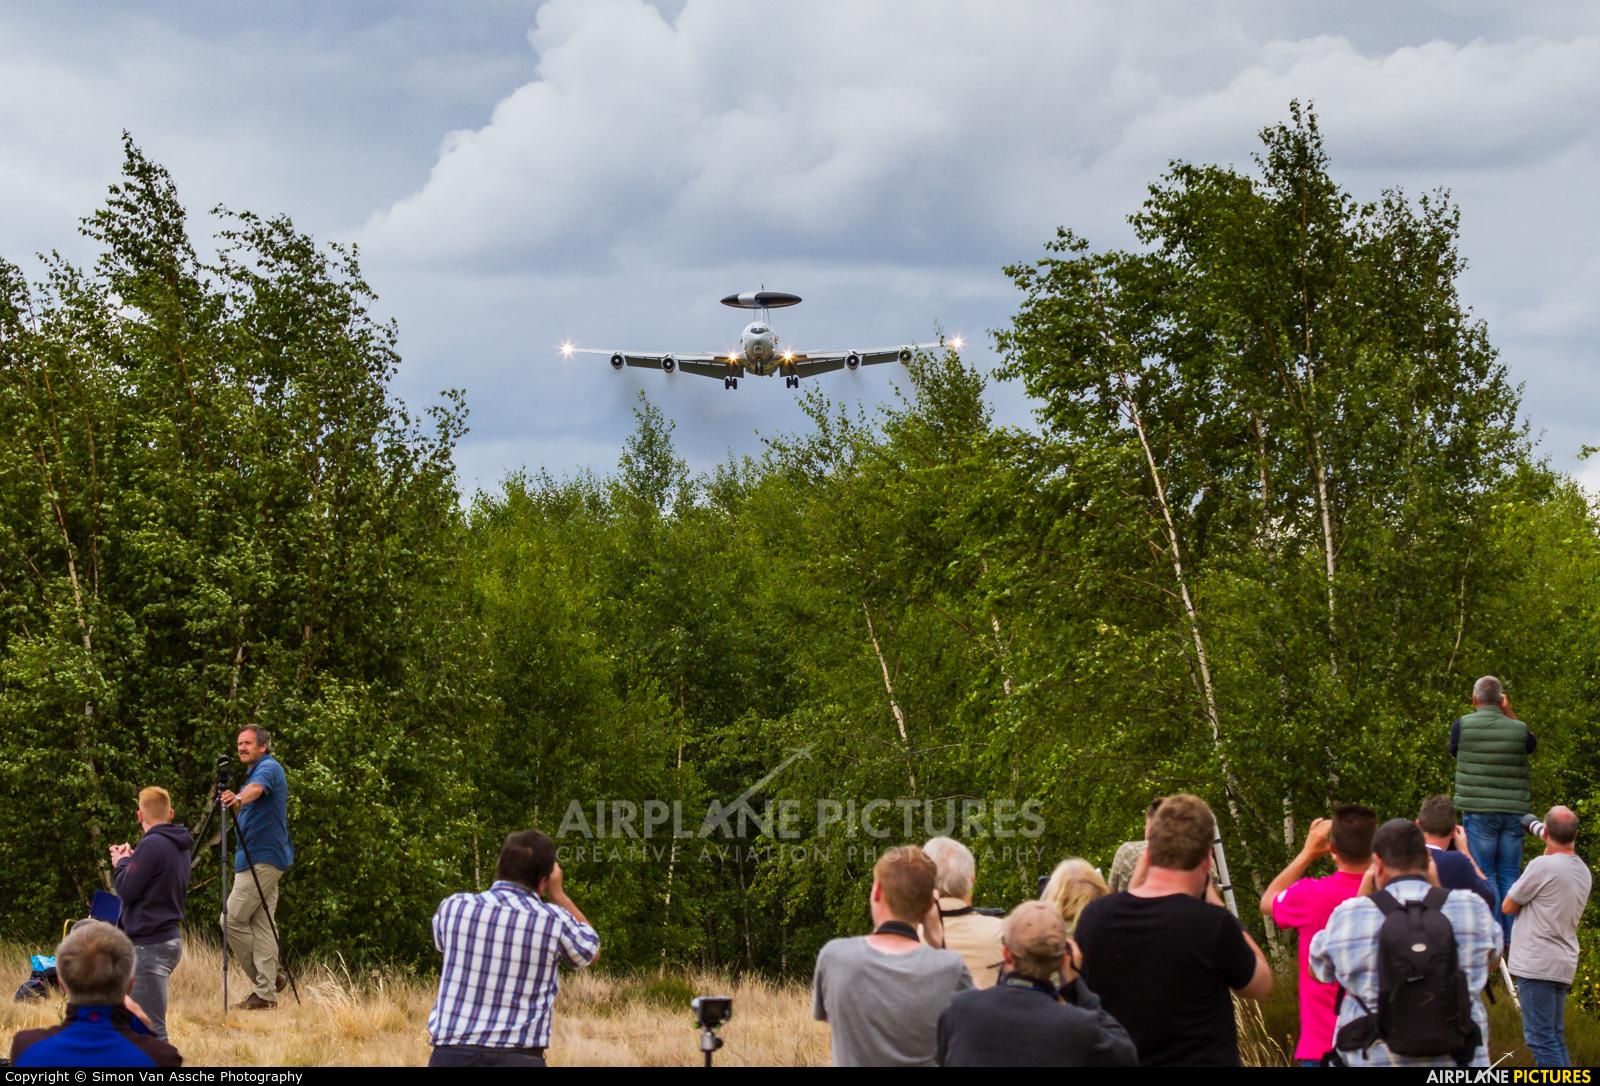 NATO LX-N90450 aircraft at Geilenkirchen